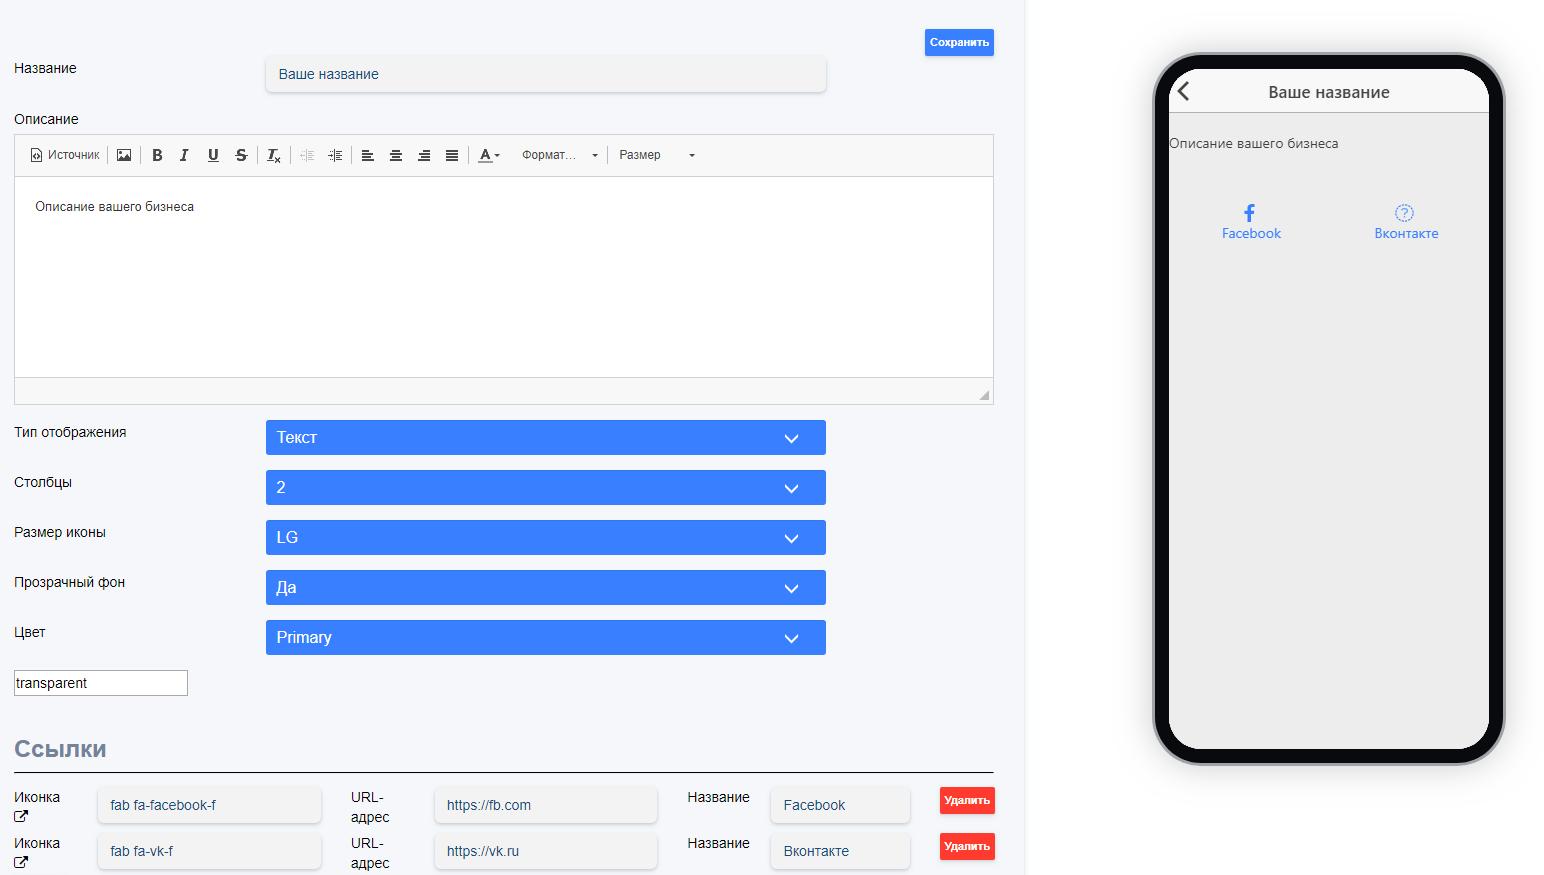 Модуль позволяет создать страницу с размещенной информацией о ваших соц. сетях, сайтах и так далее